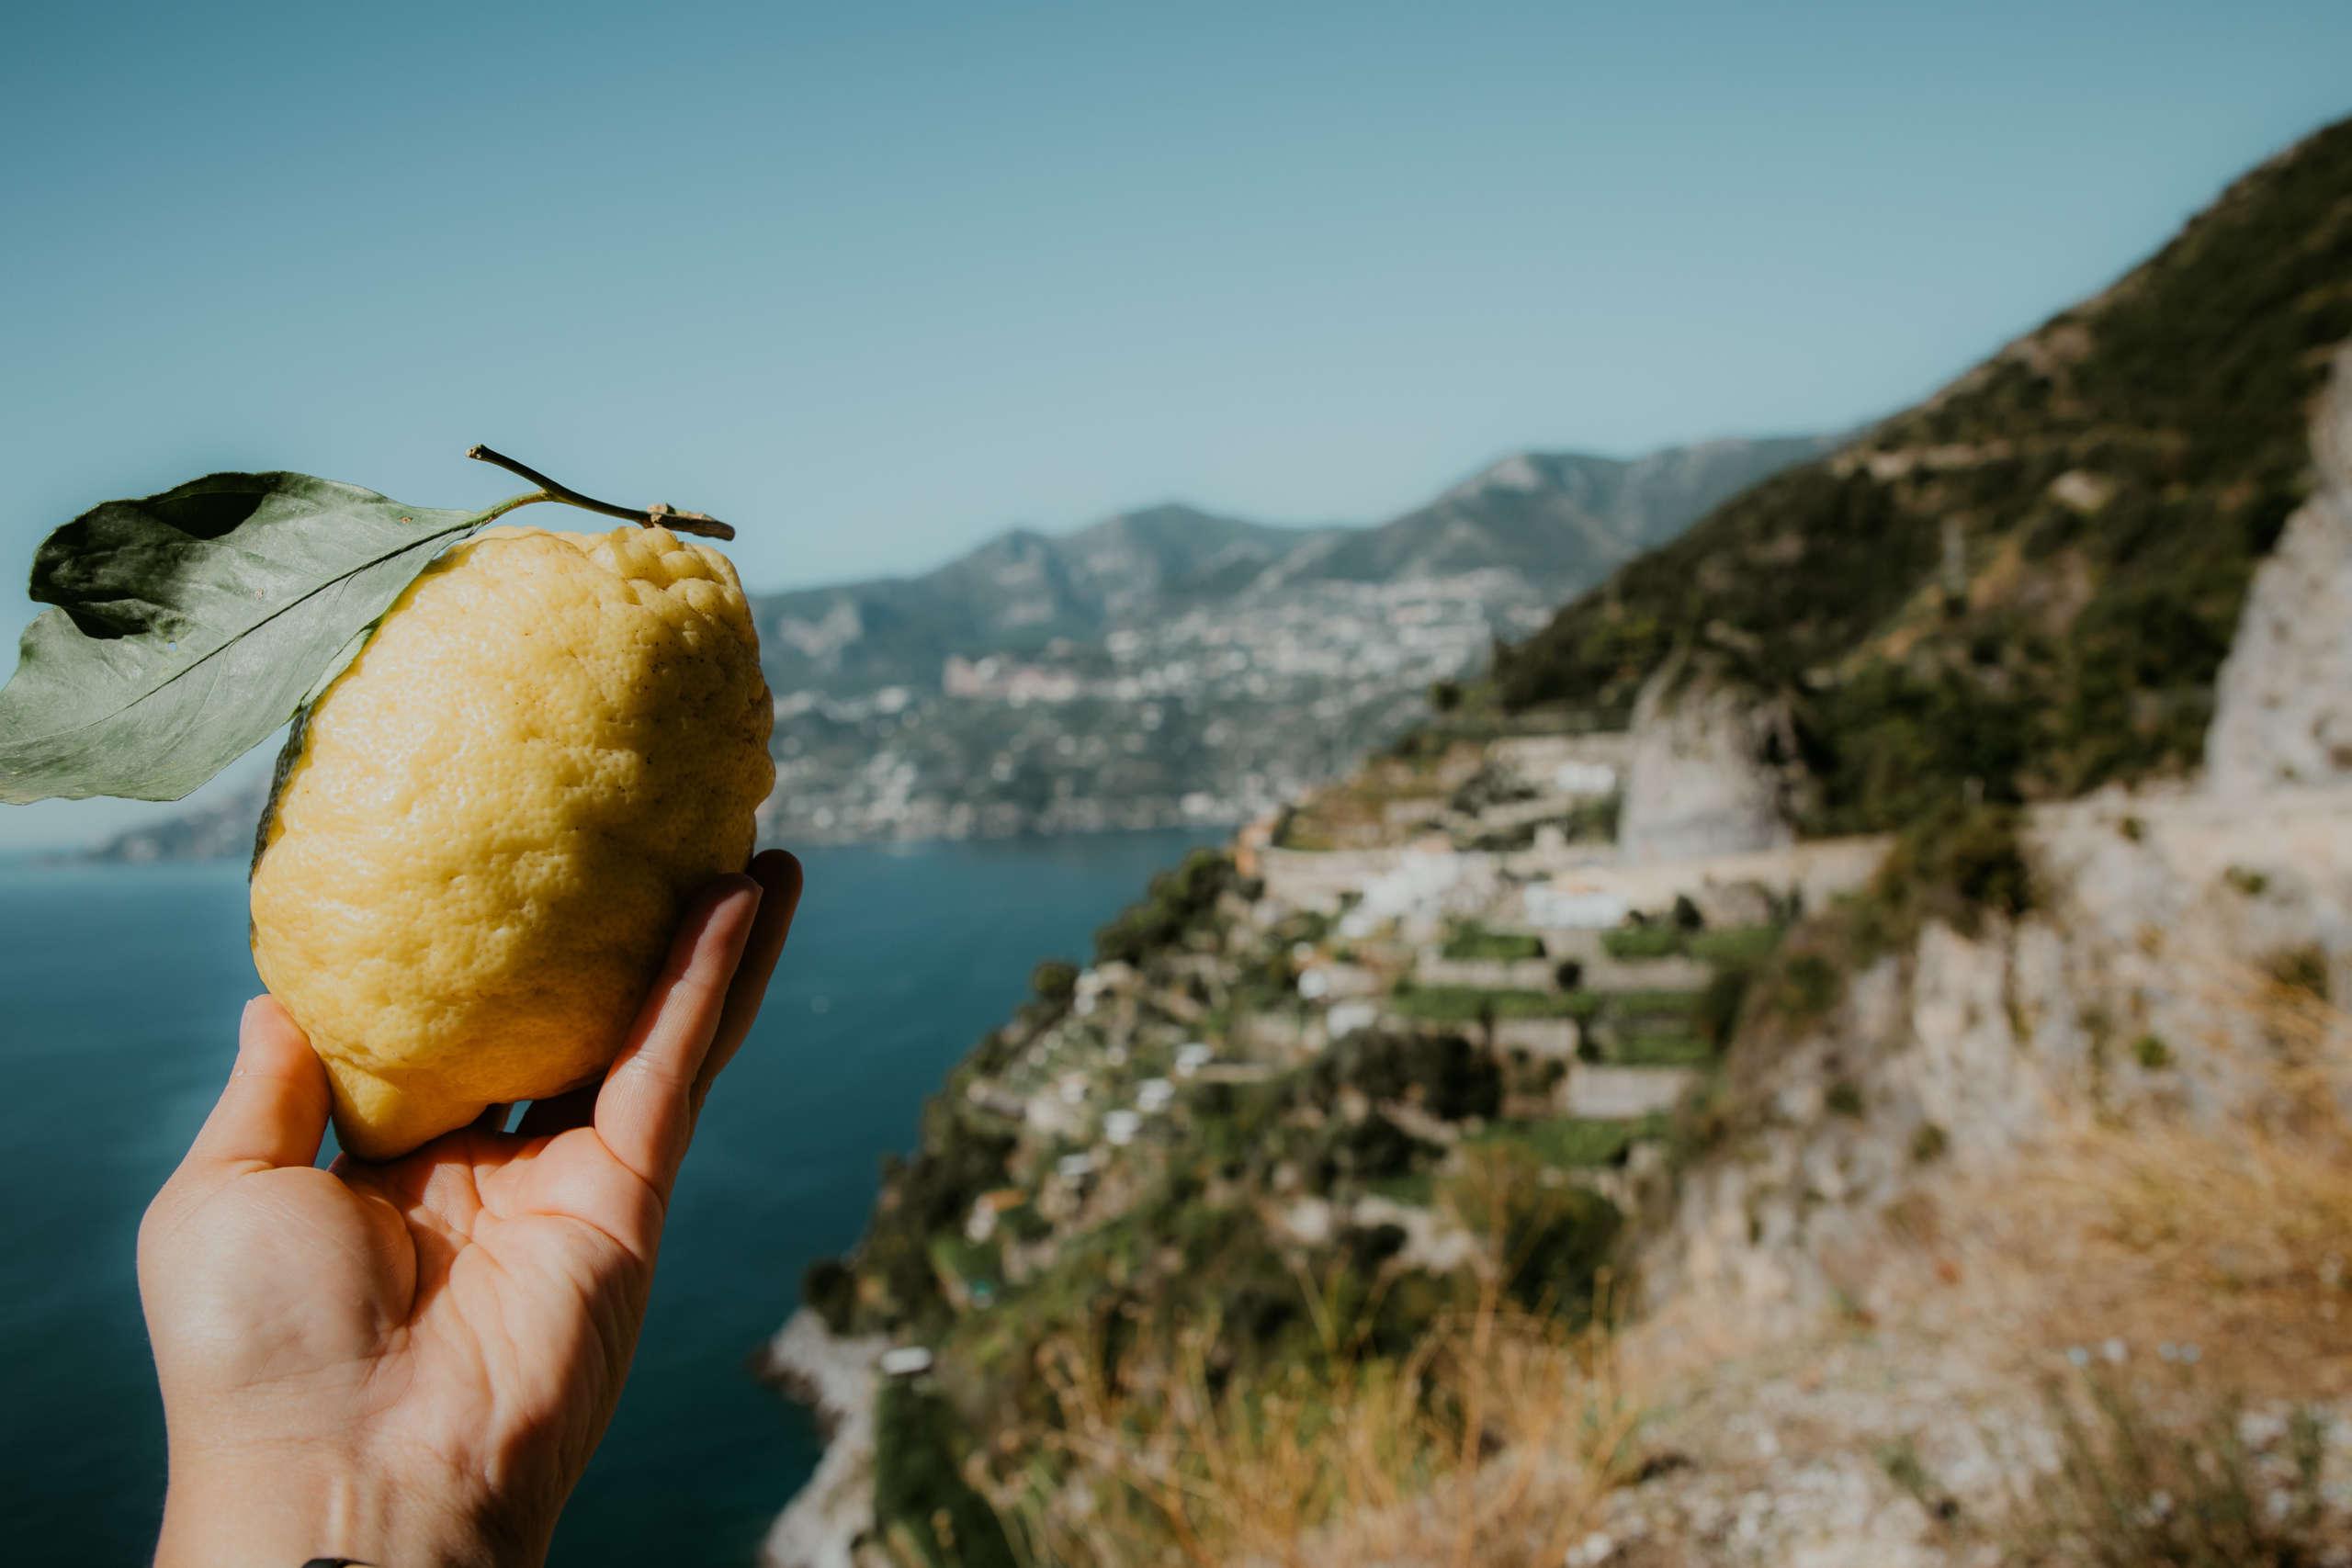 Eine Zitrone die in der Hand gehalten wird.